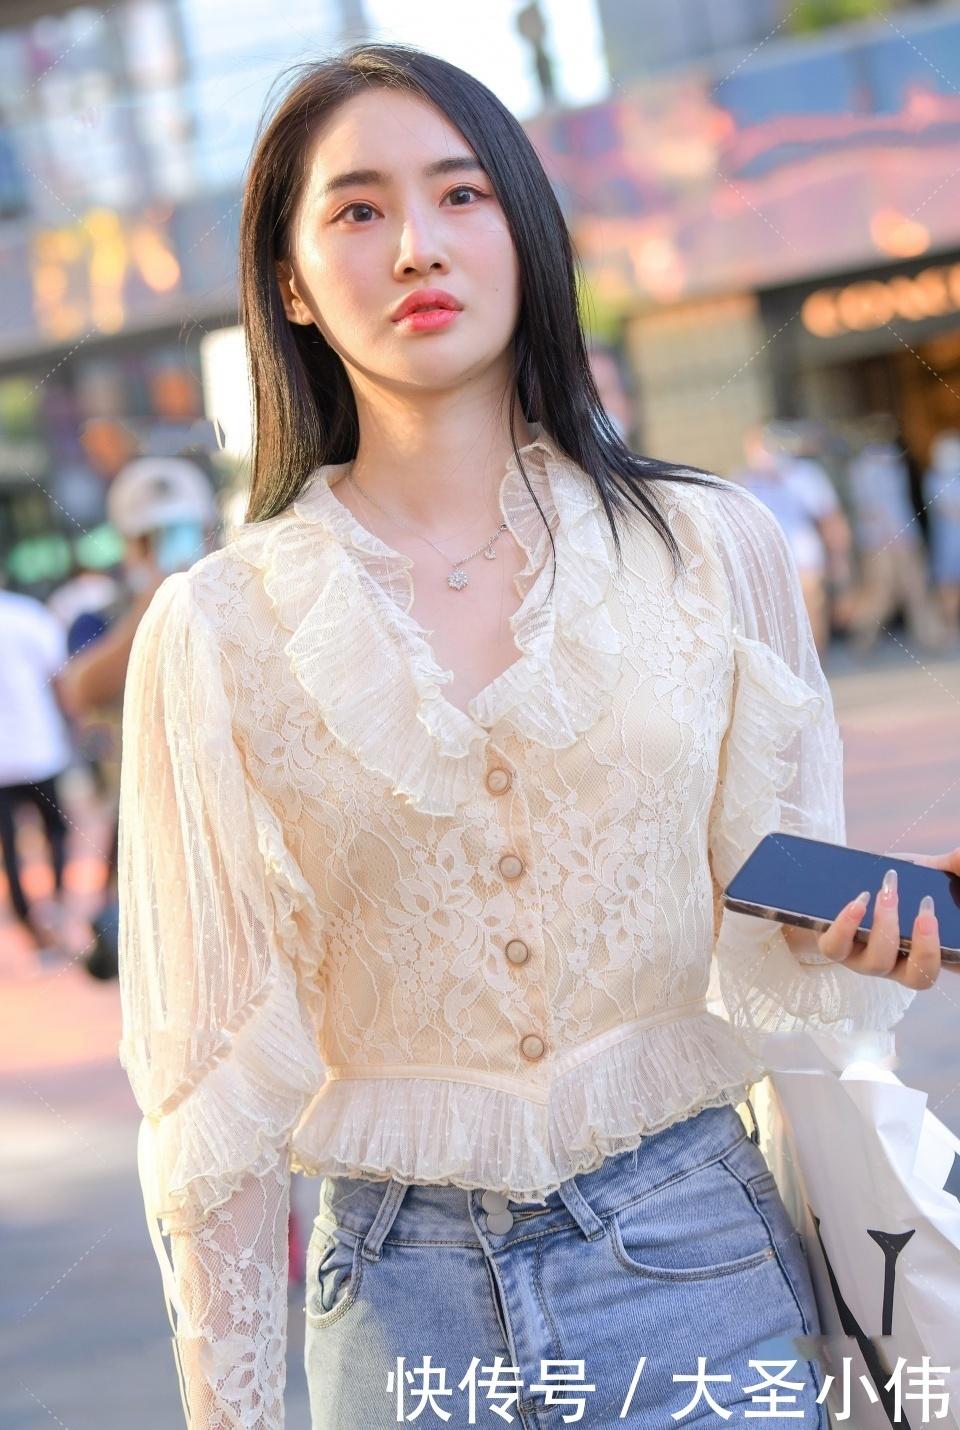 美女街拍:非常迷人的氣質美女,身材很不錯,穿著漂亮的衣服去逛街很有自信